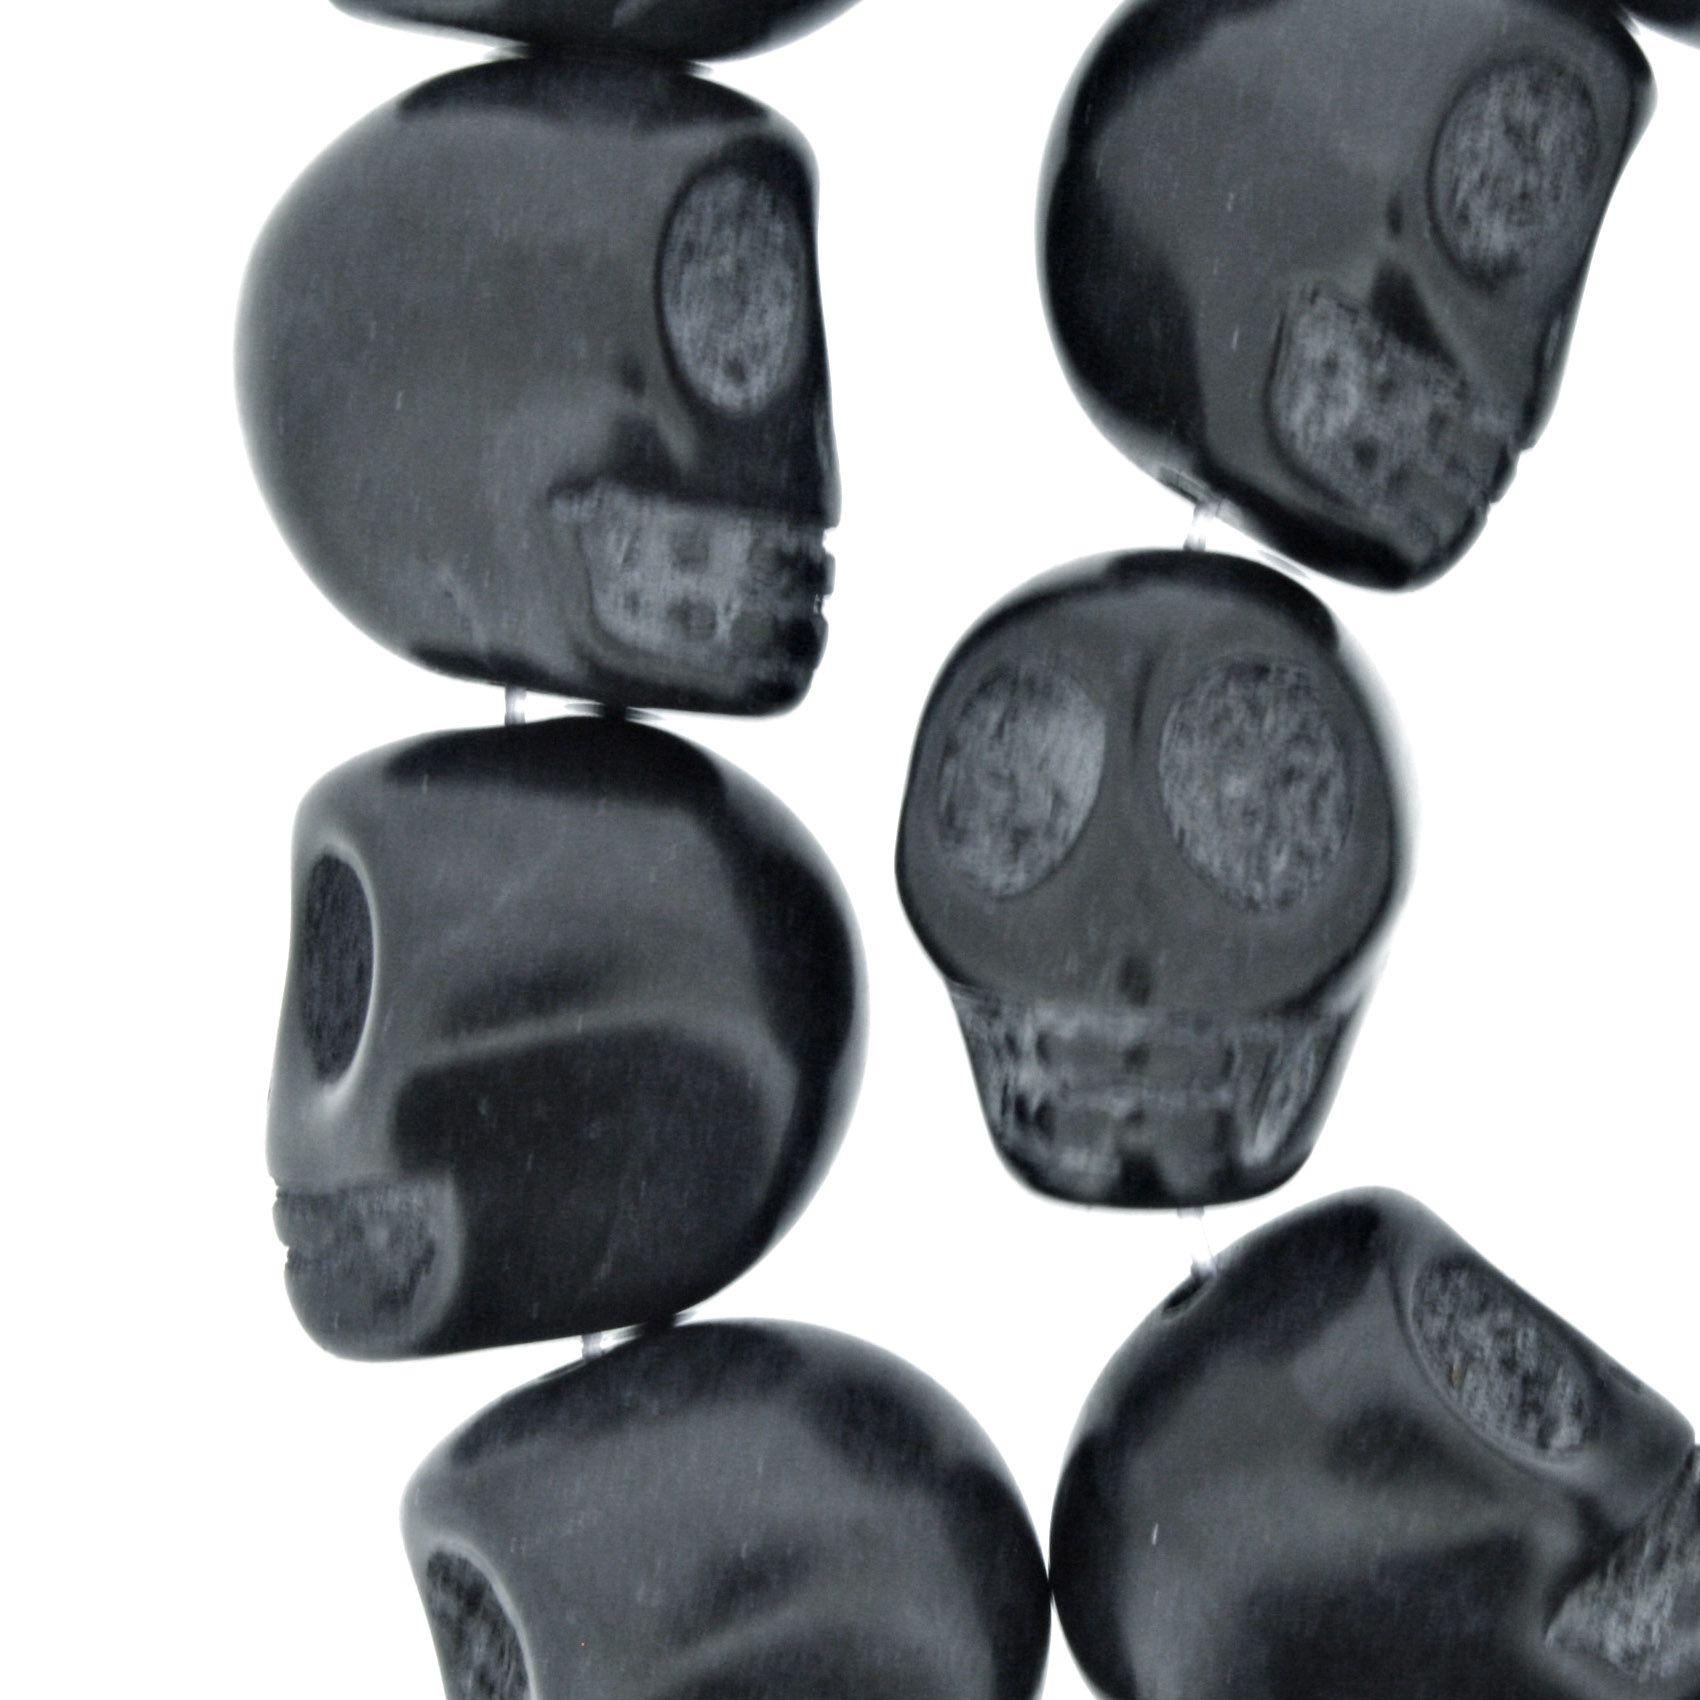 Fio de Caveira de Pedra - Preta - Média - 18x15mm  - Universo Religioso® - Artigos de Umbanda e Candomblé